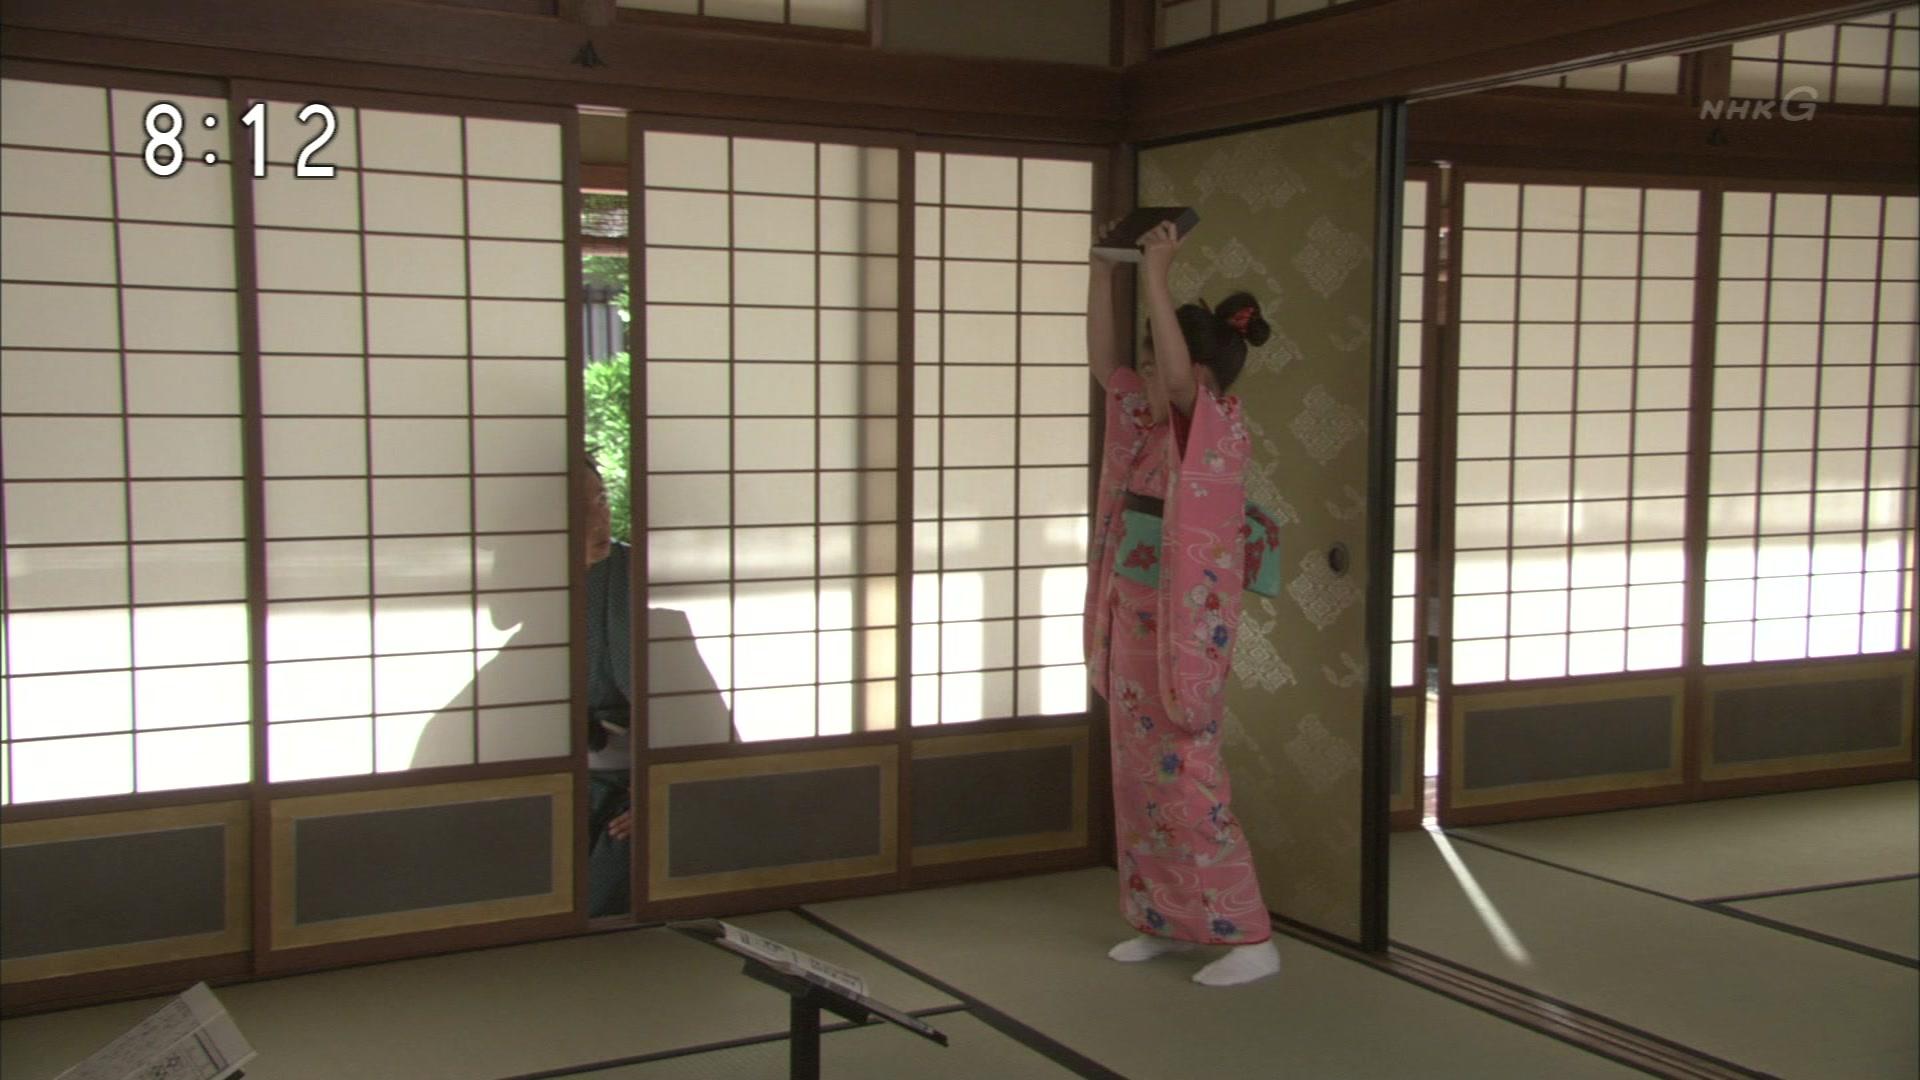 2015-09-28 08:00 連続テレビ小説 あさが来た(1)「小さな許嫁(いいなずけ)」 22844